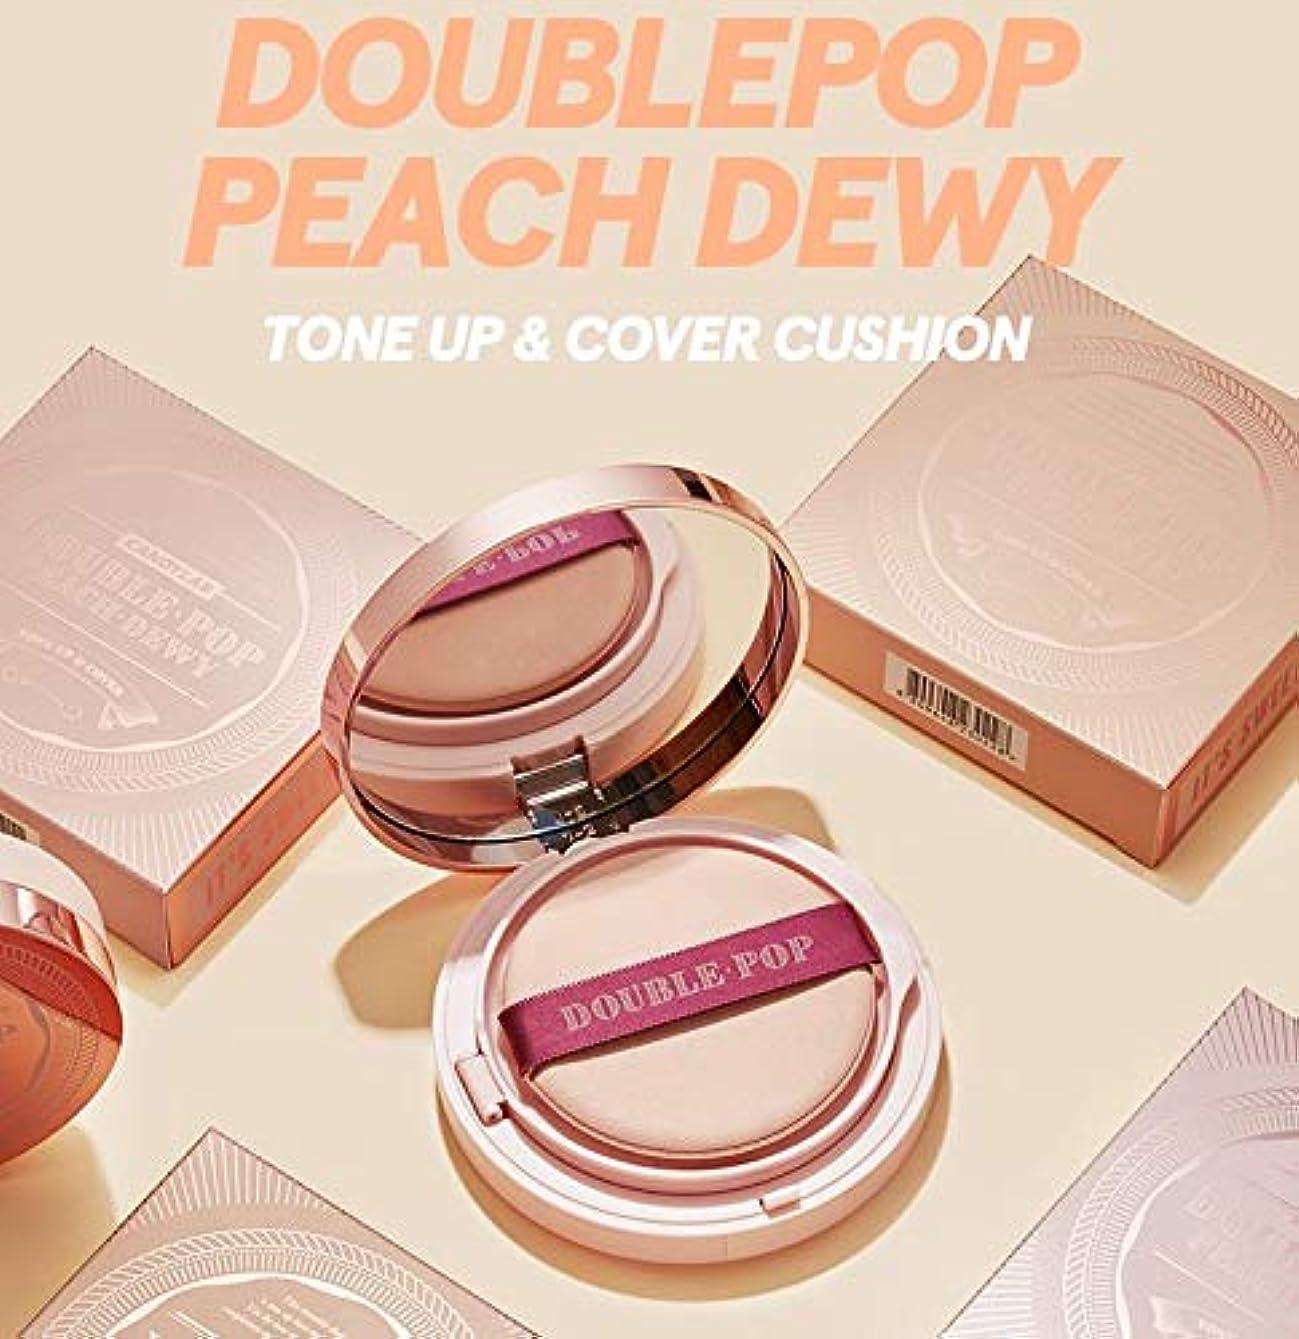 序文ひどくカウントアップ【キャンディラボ公式ストア】Doublepop Peach Dewy Cushion/ダブルポップピーチ クッションファンデ/正品?海外直送商品 [並行輸入品] (#23 Sand Peach)